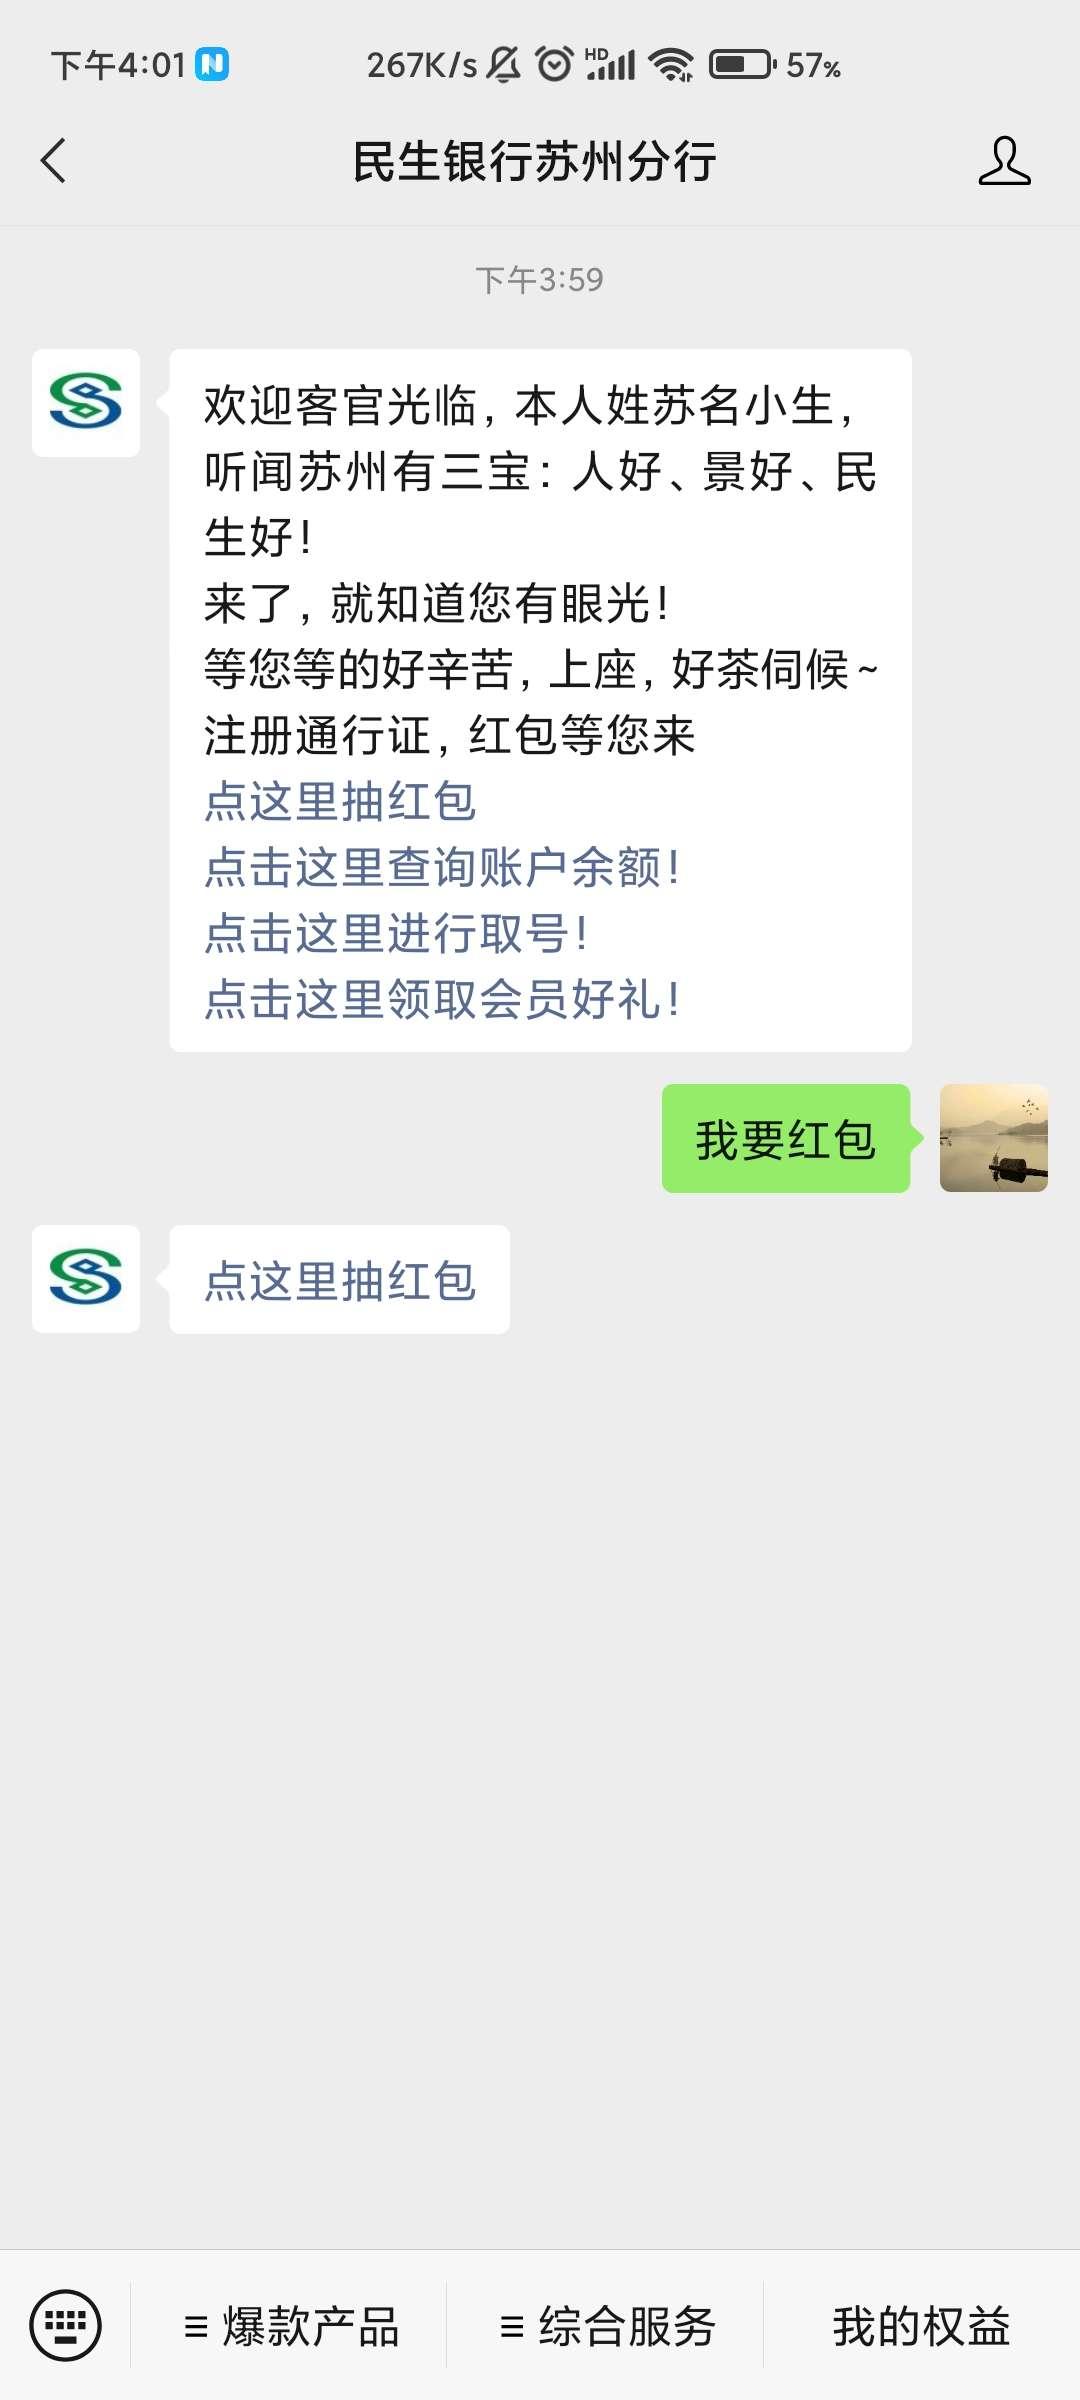 【现金红包】民生银行苏州分行领红包插图2